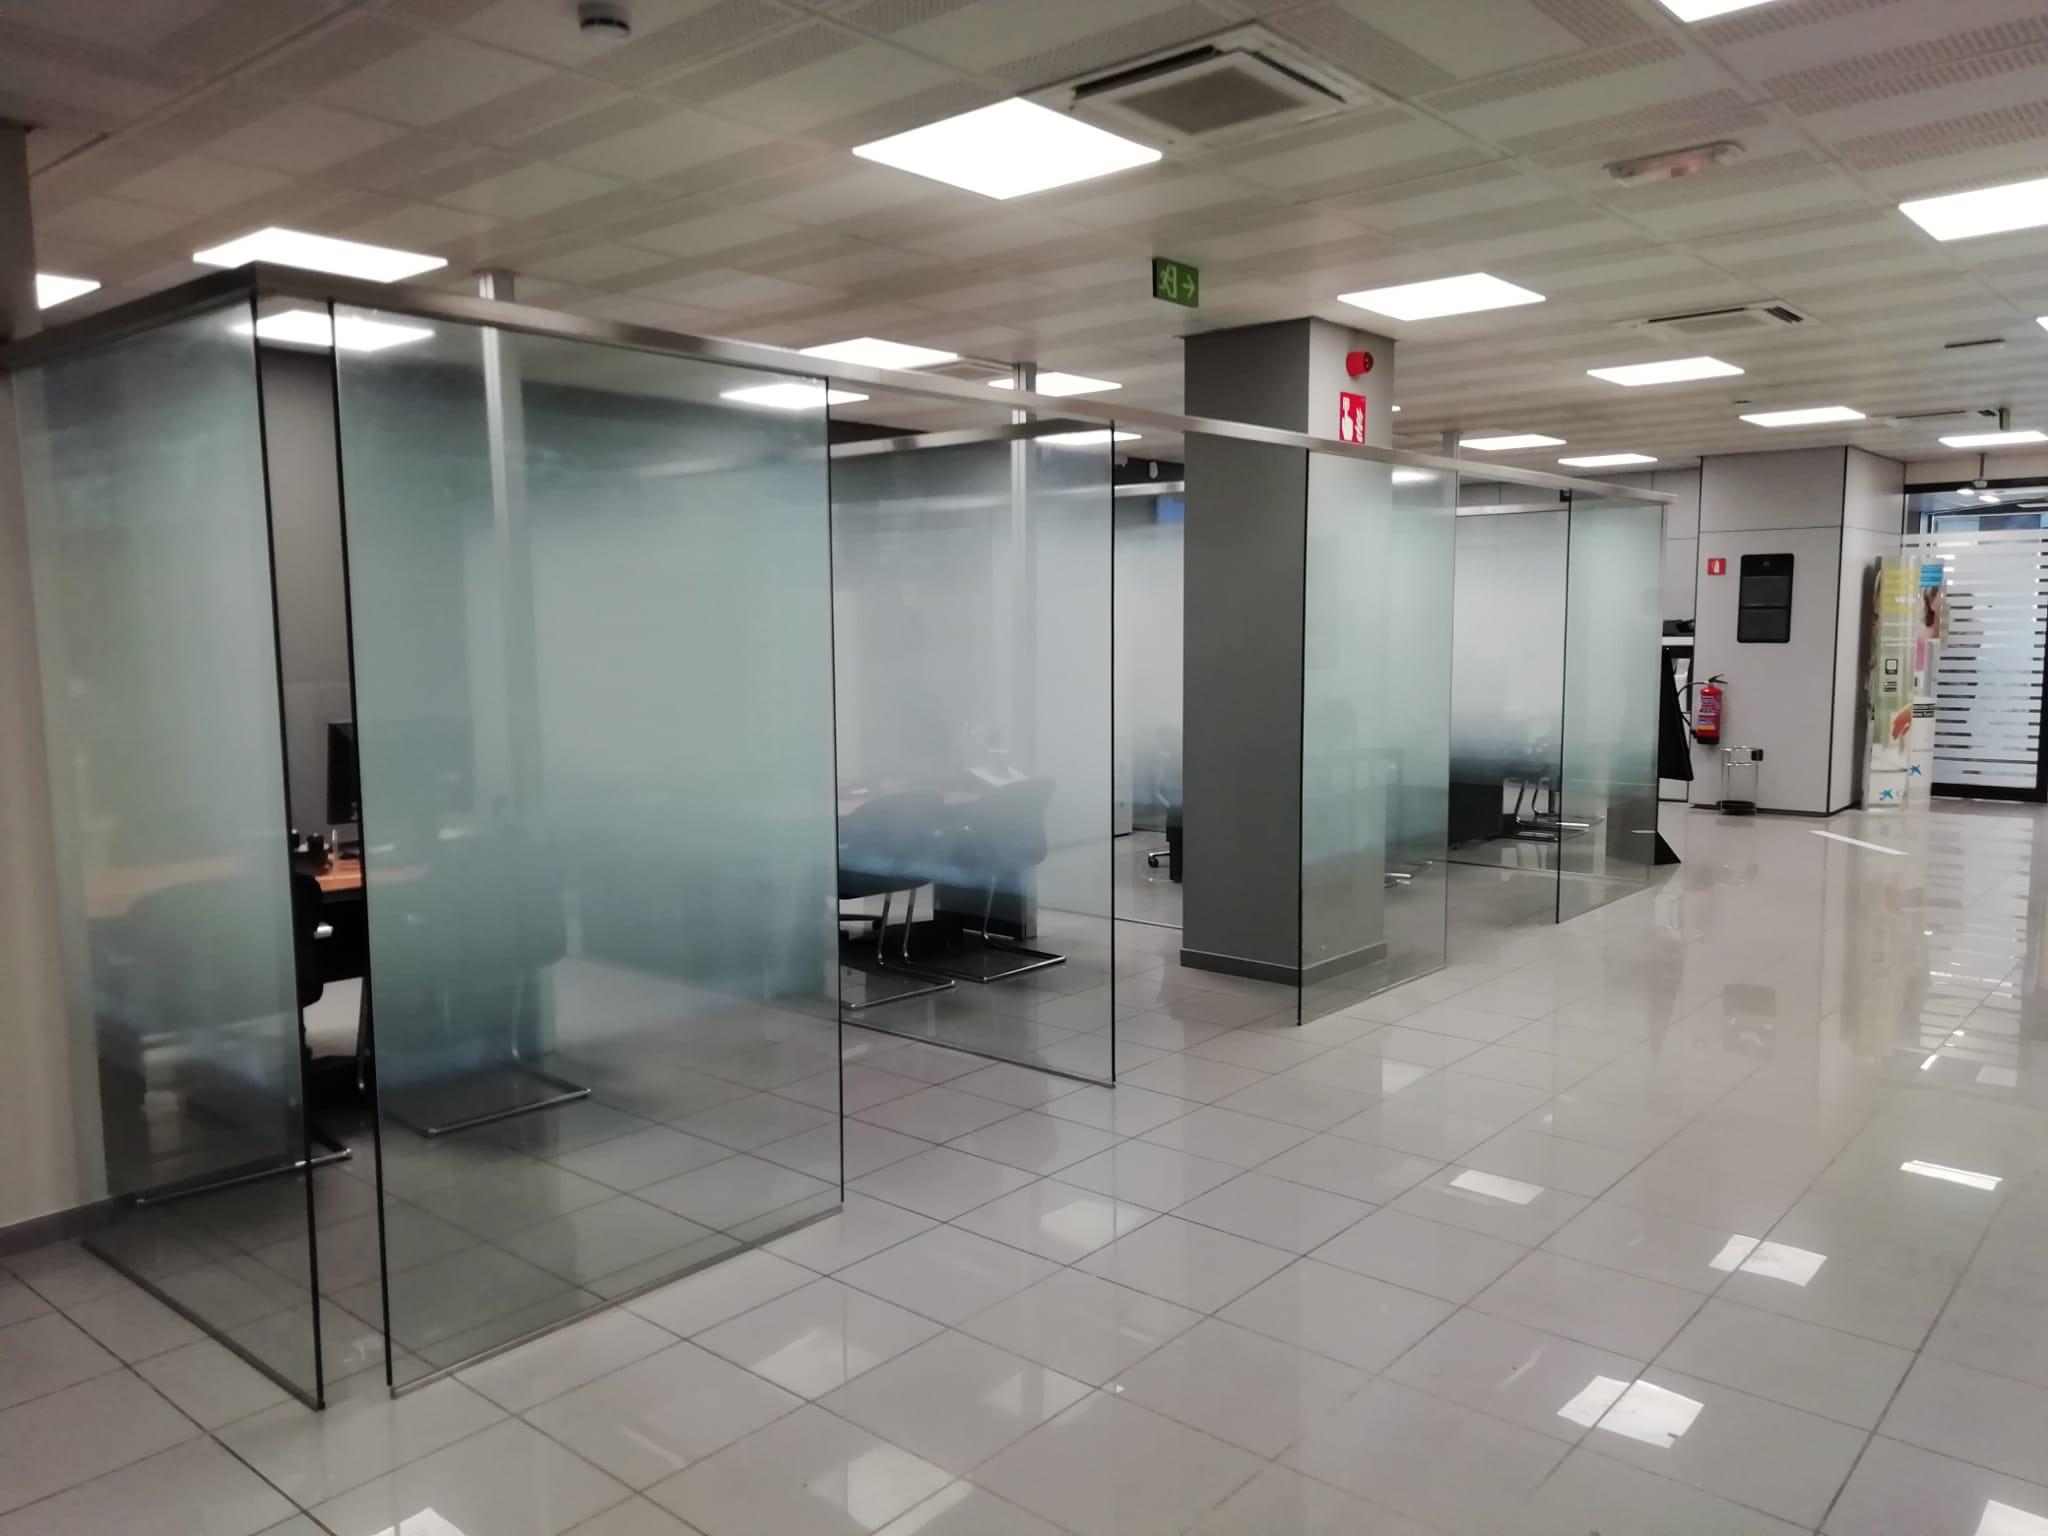 mejora de imagen de puestos de trabajo con separadores de cristal